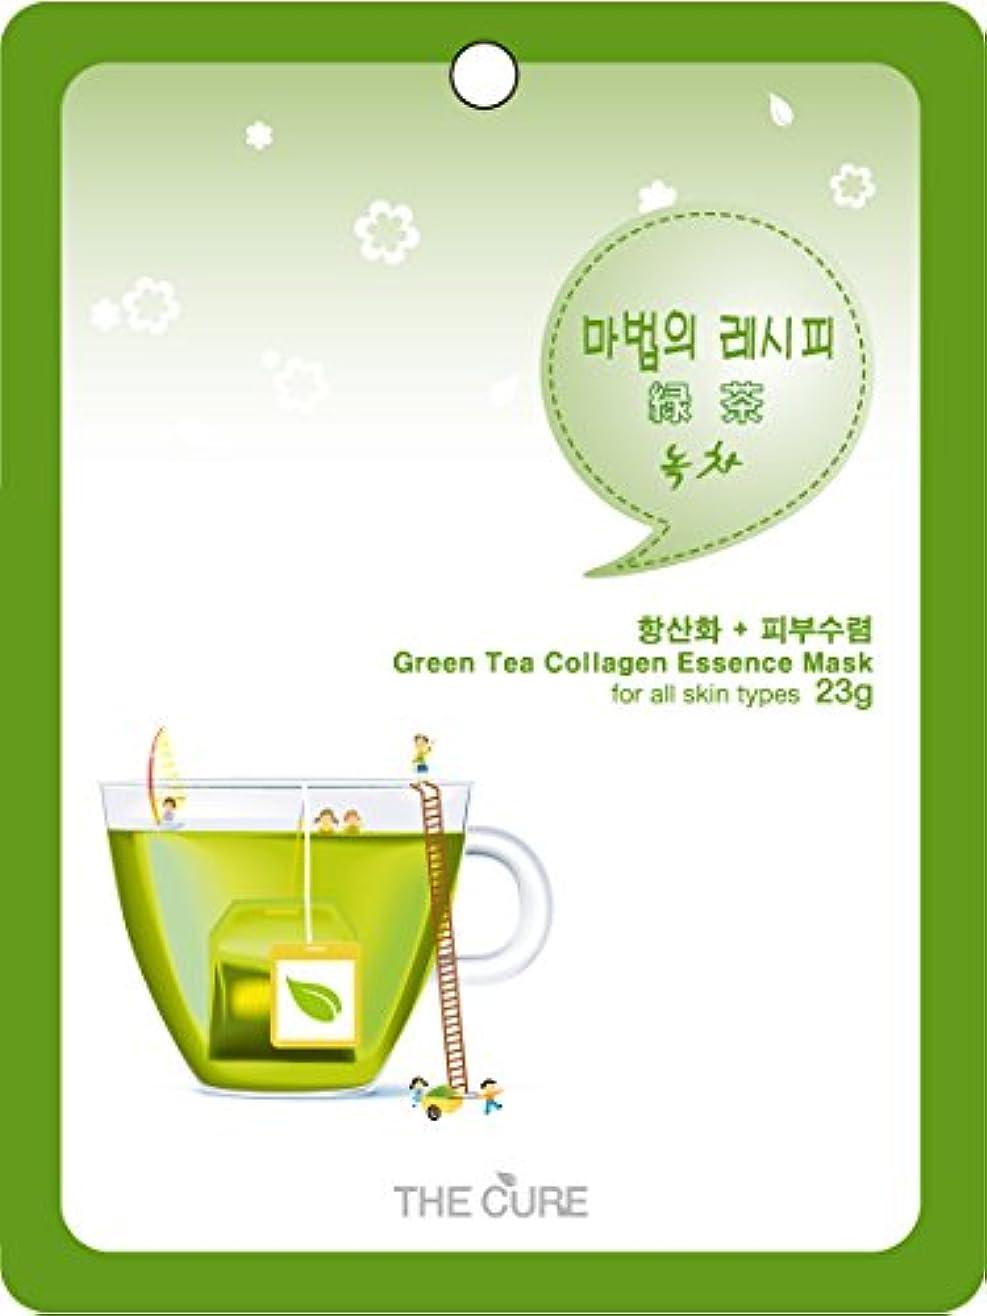 から干渉形容詞緑茶 コラーゲン エッセンス マスク THE CURE シート パック 100枚セット 韓国 コスメ 乾燥肌 オイリー肌 混合肌